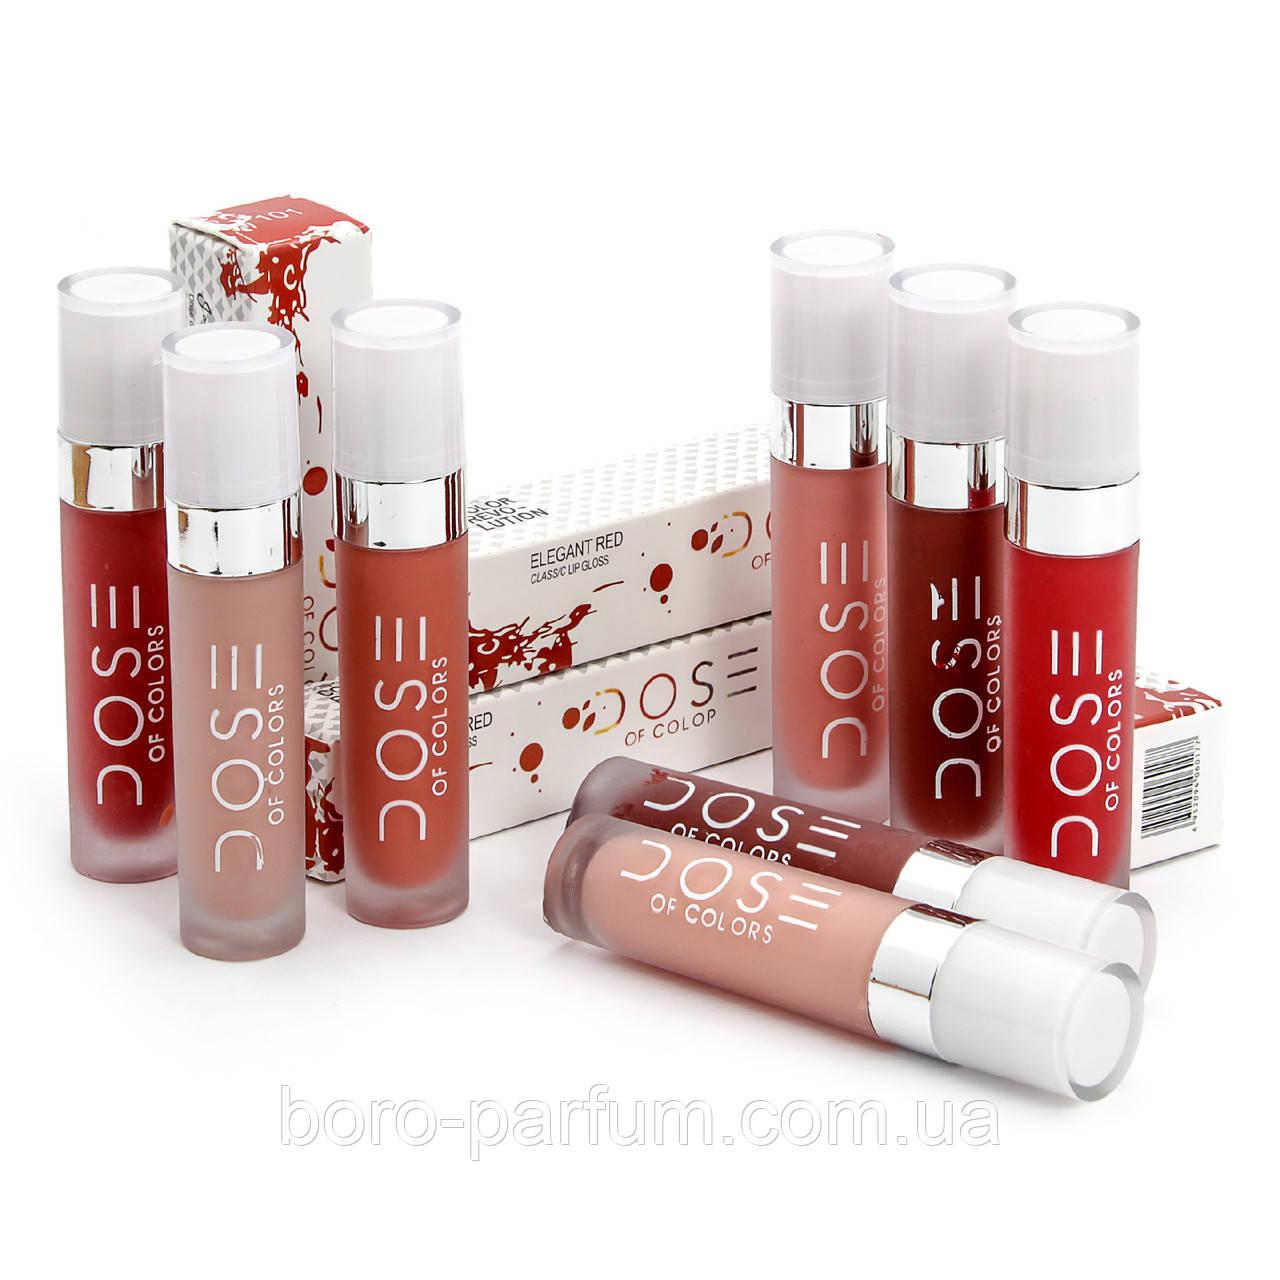 Косметика парфюм купить интернет магазин косметика для волос константа купить в омске